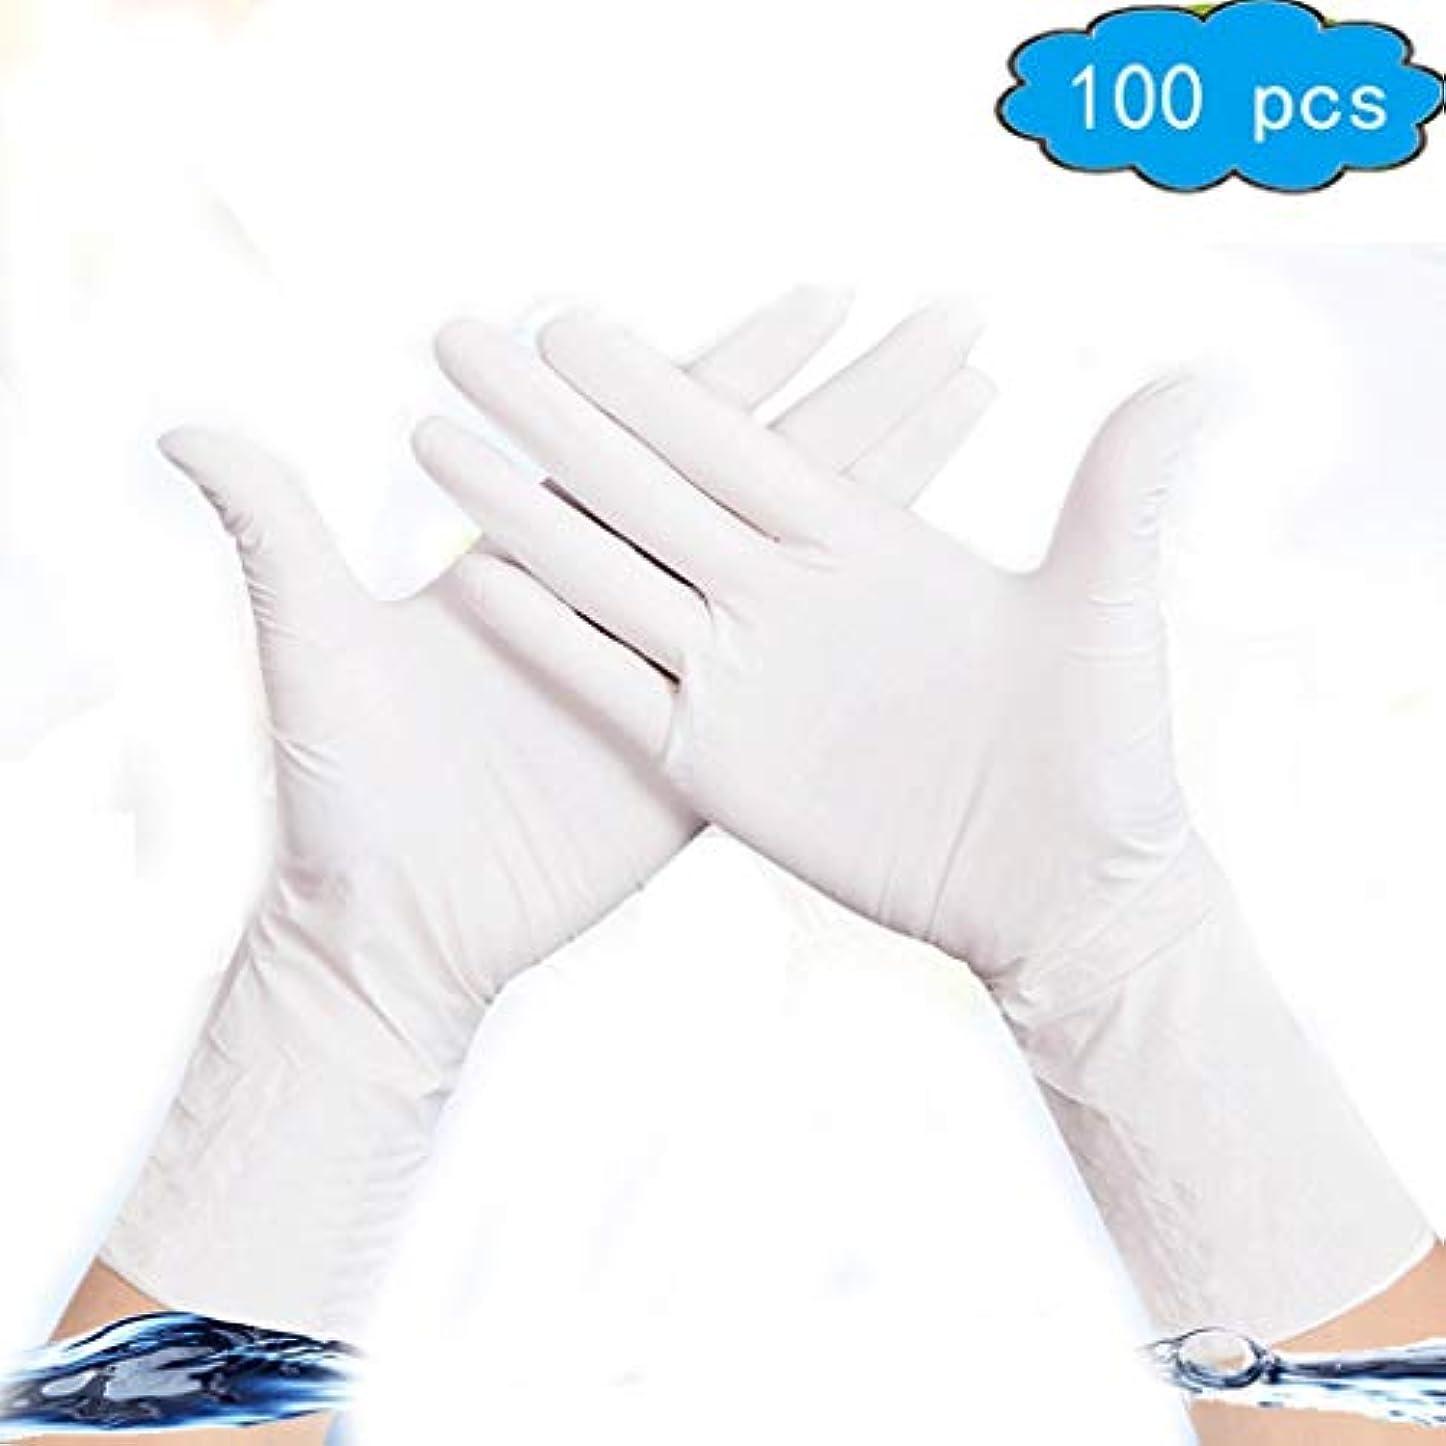 ブランデー悲しみ反論者使い捨てニトリル手袋、使い捨て、試験グレード、ホワイト(100パック)、世帯のクリーニング手袋、医療用品?機器 (Color : White, Size : XS)